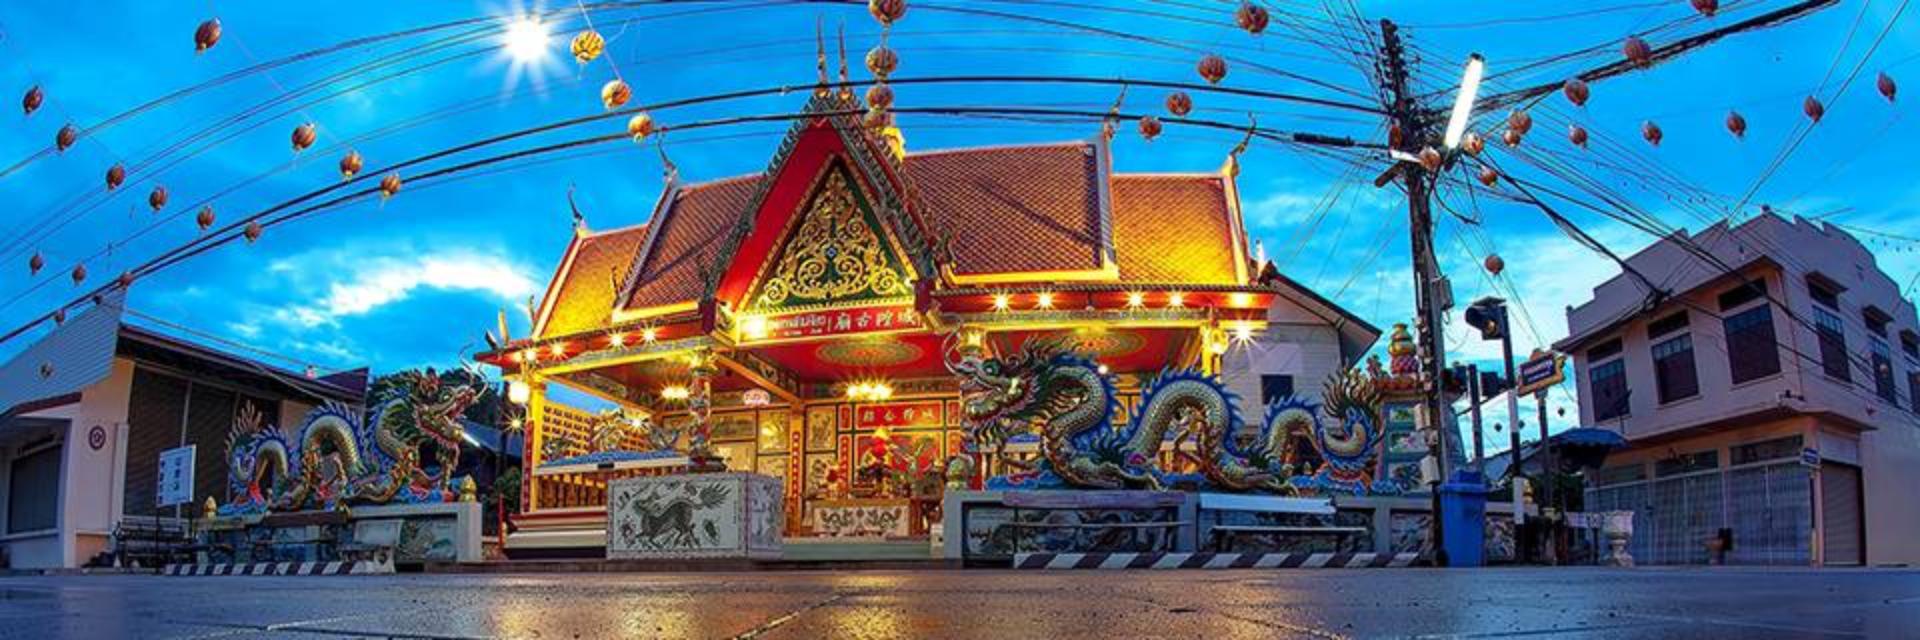 ประเทศไทย : เดือนพฤษภาคม